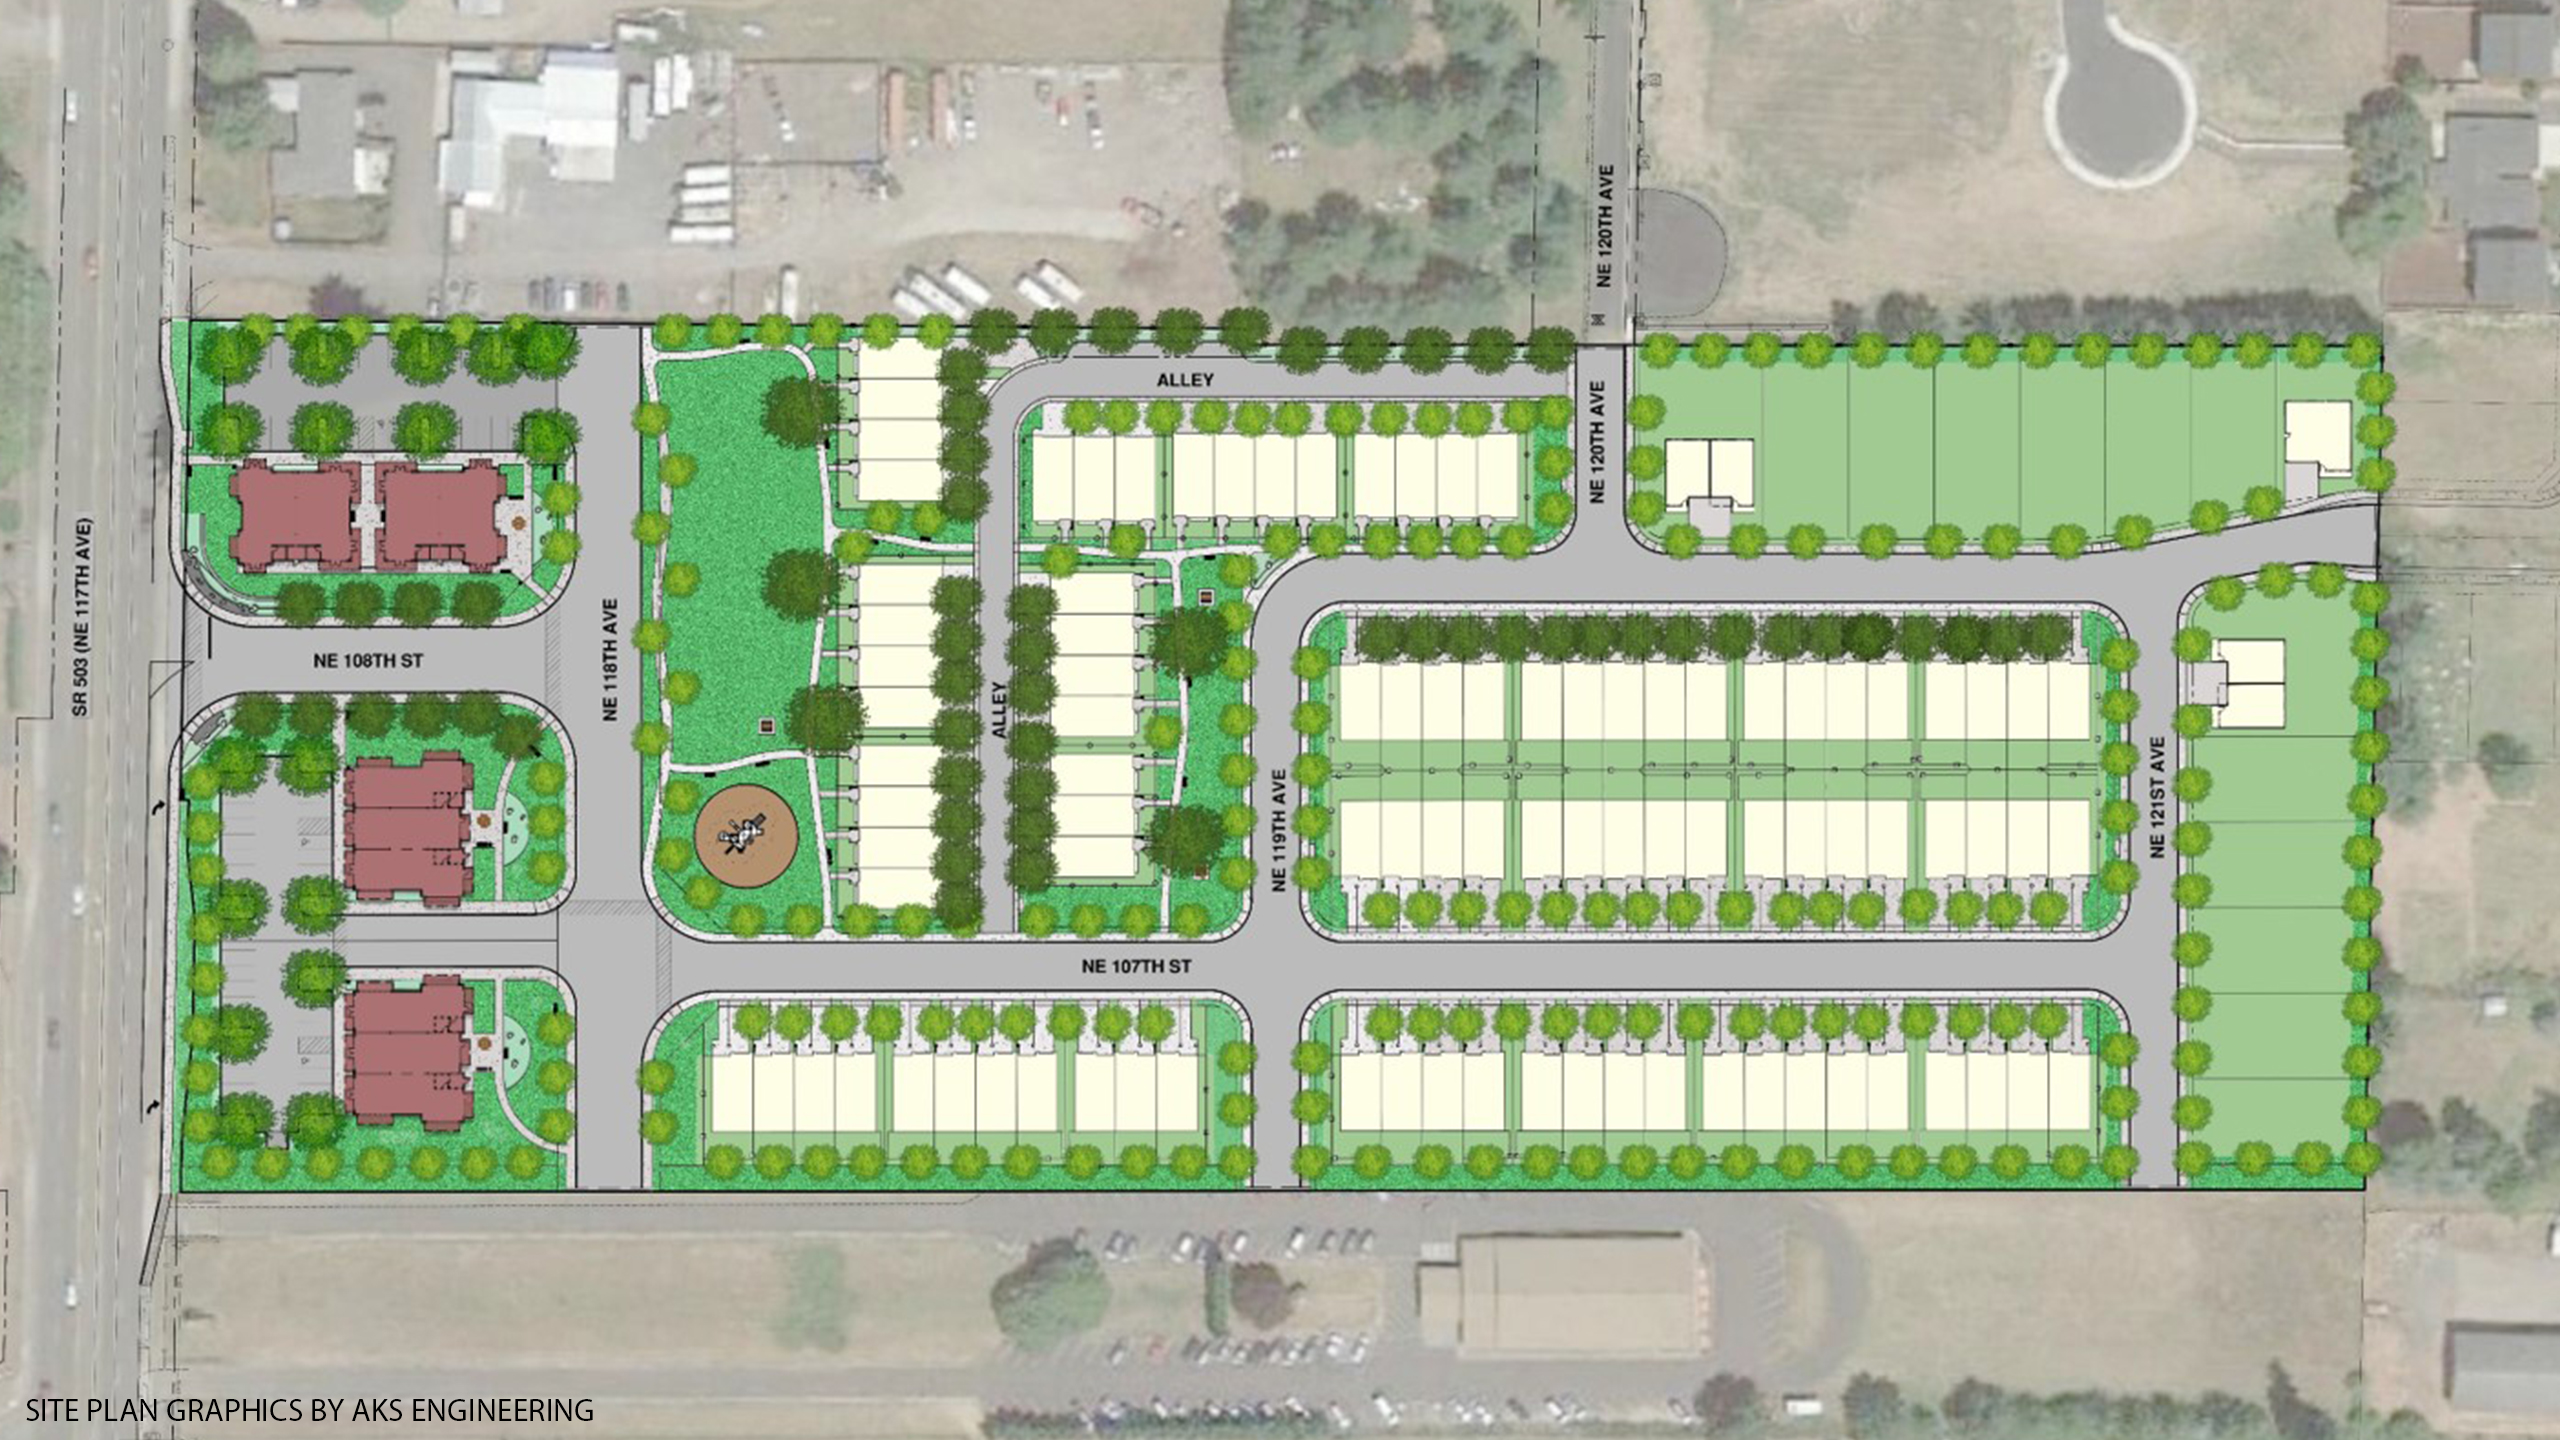 AKS site plan